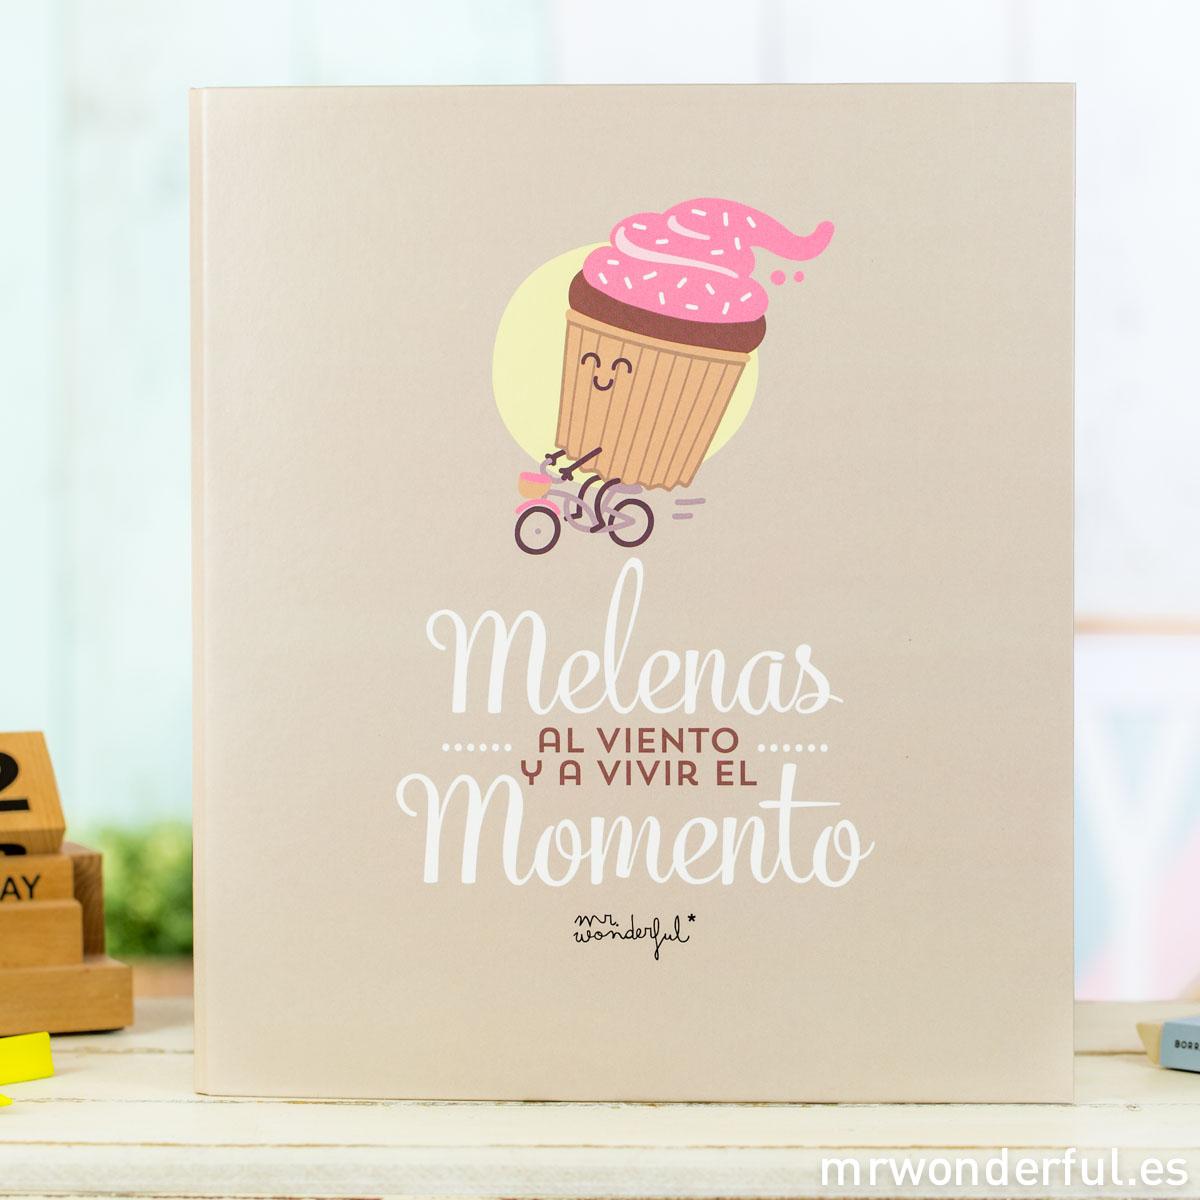 mrwonderful_CARP-PAL-03_clasificador-palanca-melenas-viento-vivir-momento-1